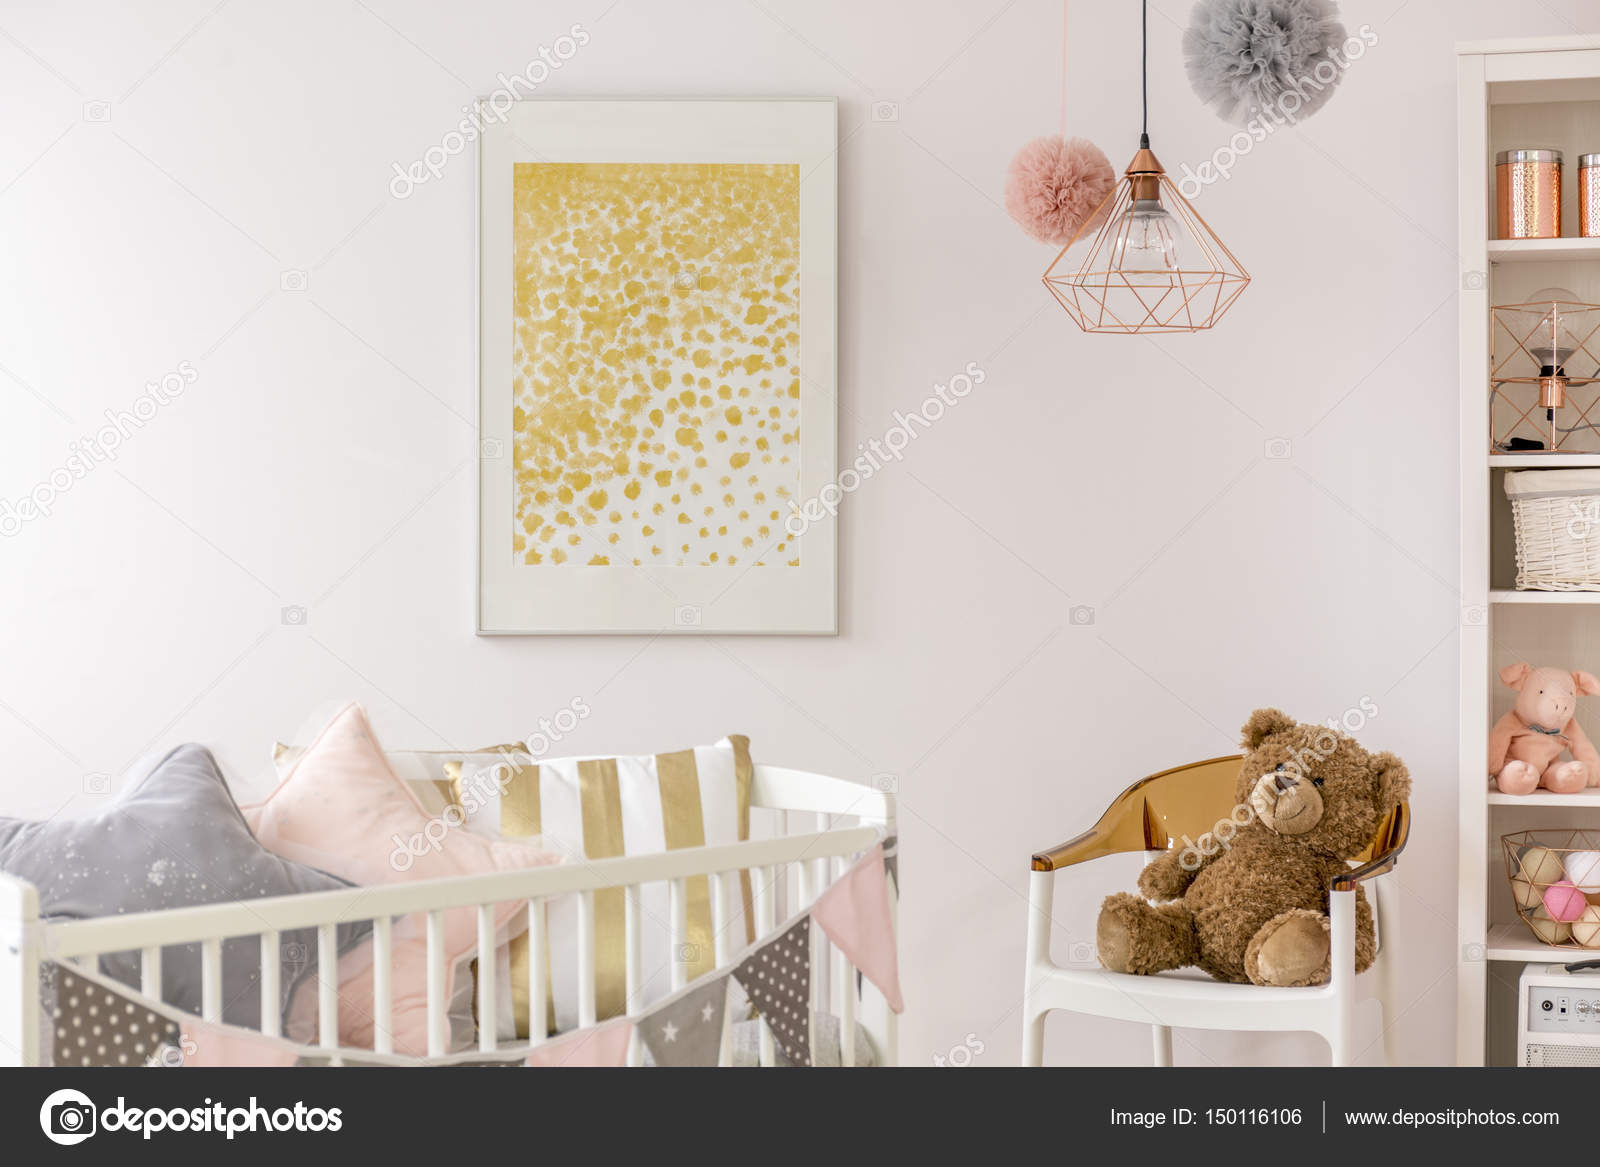 https://st3.depositphotos.com/2249091/15011/i/1600/depositphotos_150116106-stockafbeelding-peuter-slaapkamer-met-witte-wieg.jpg